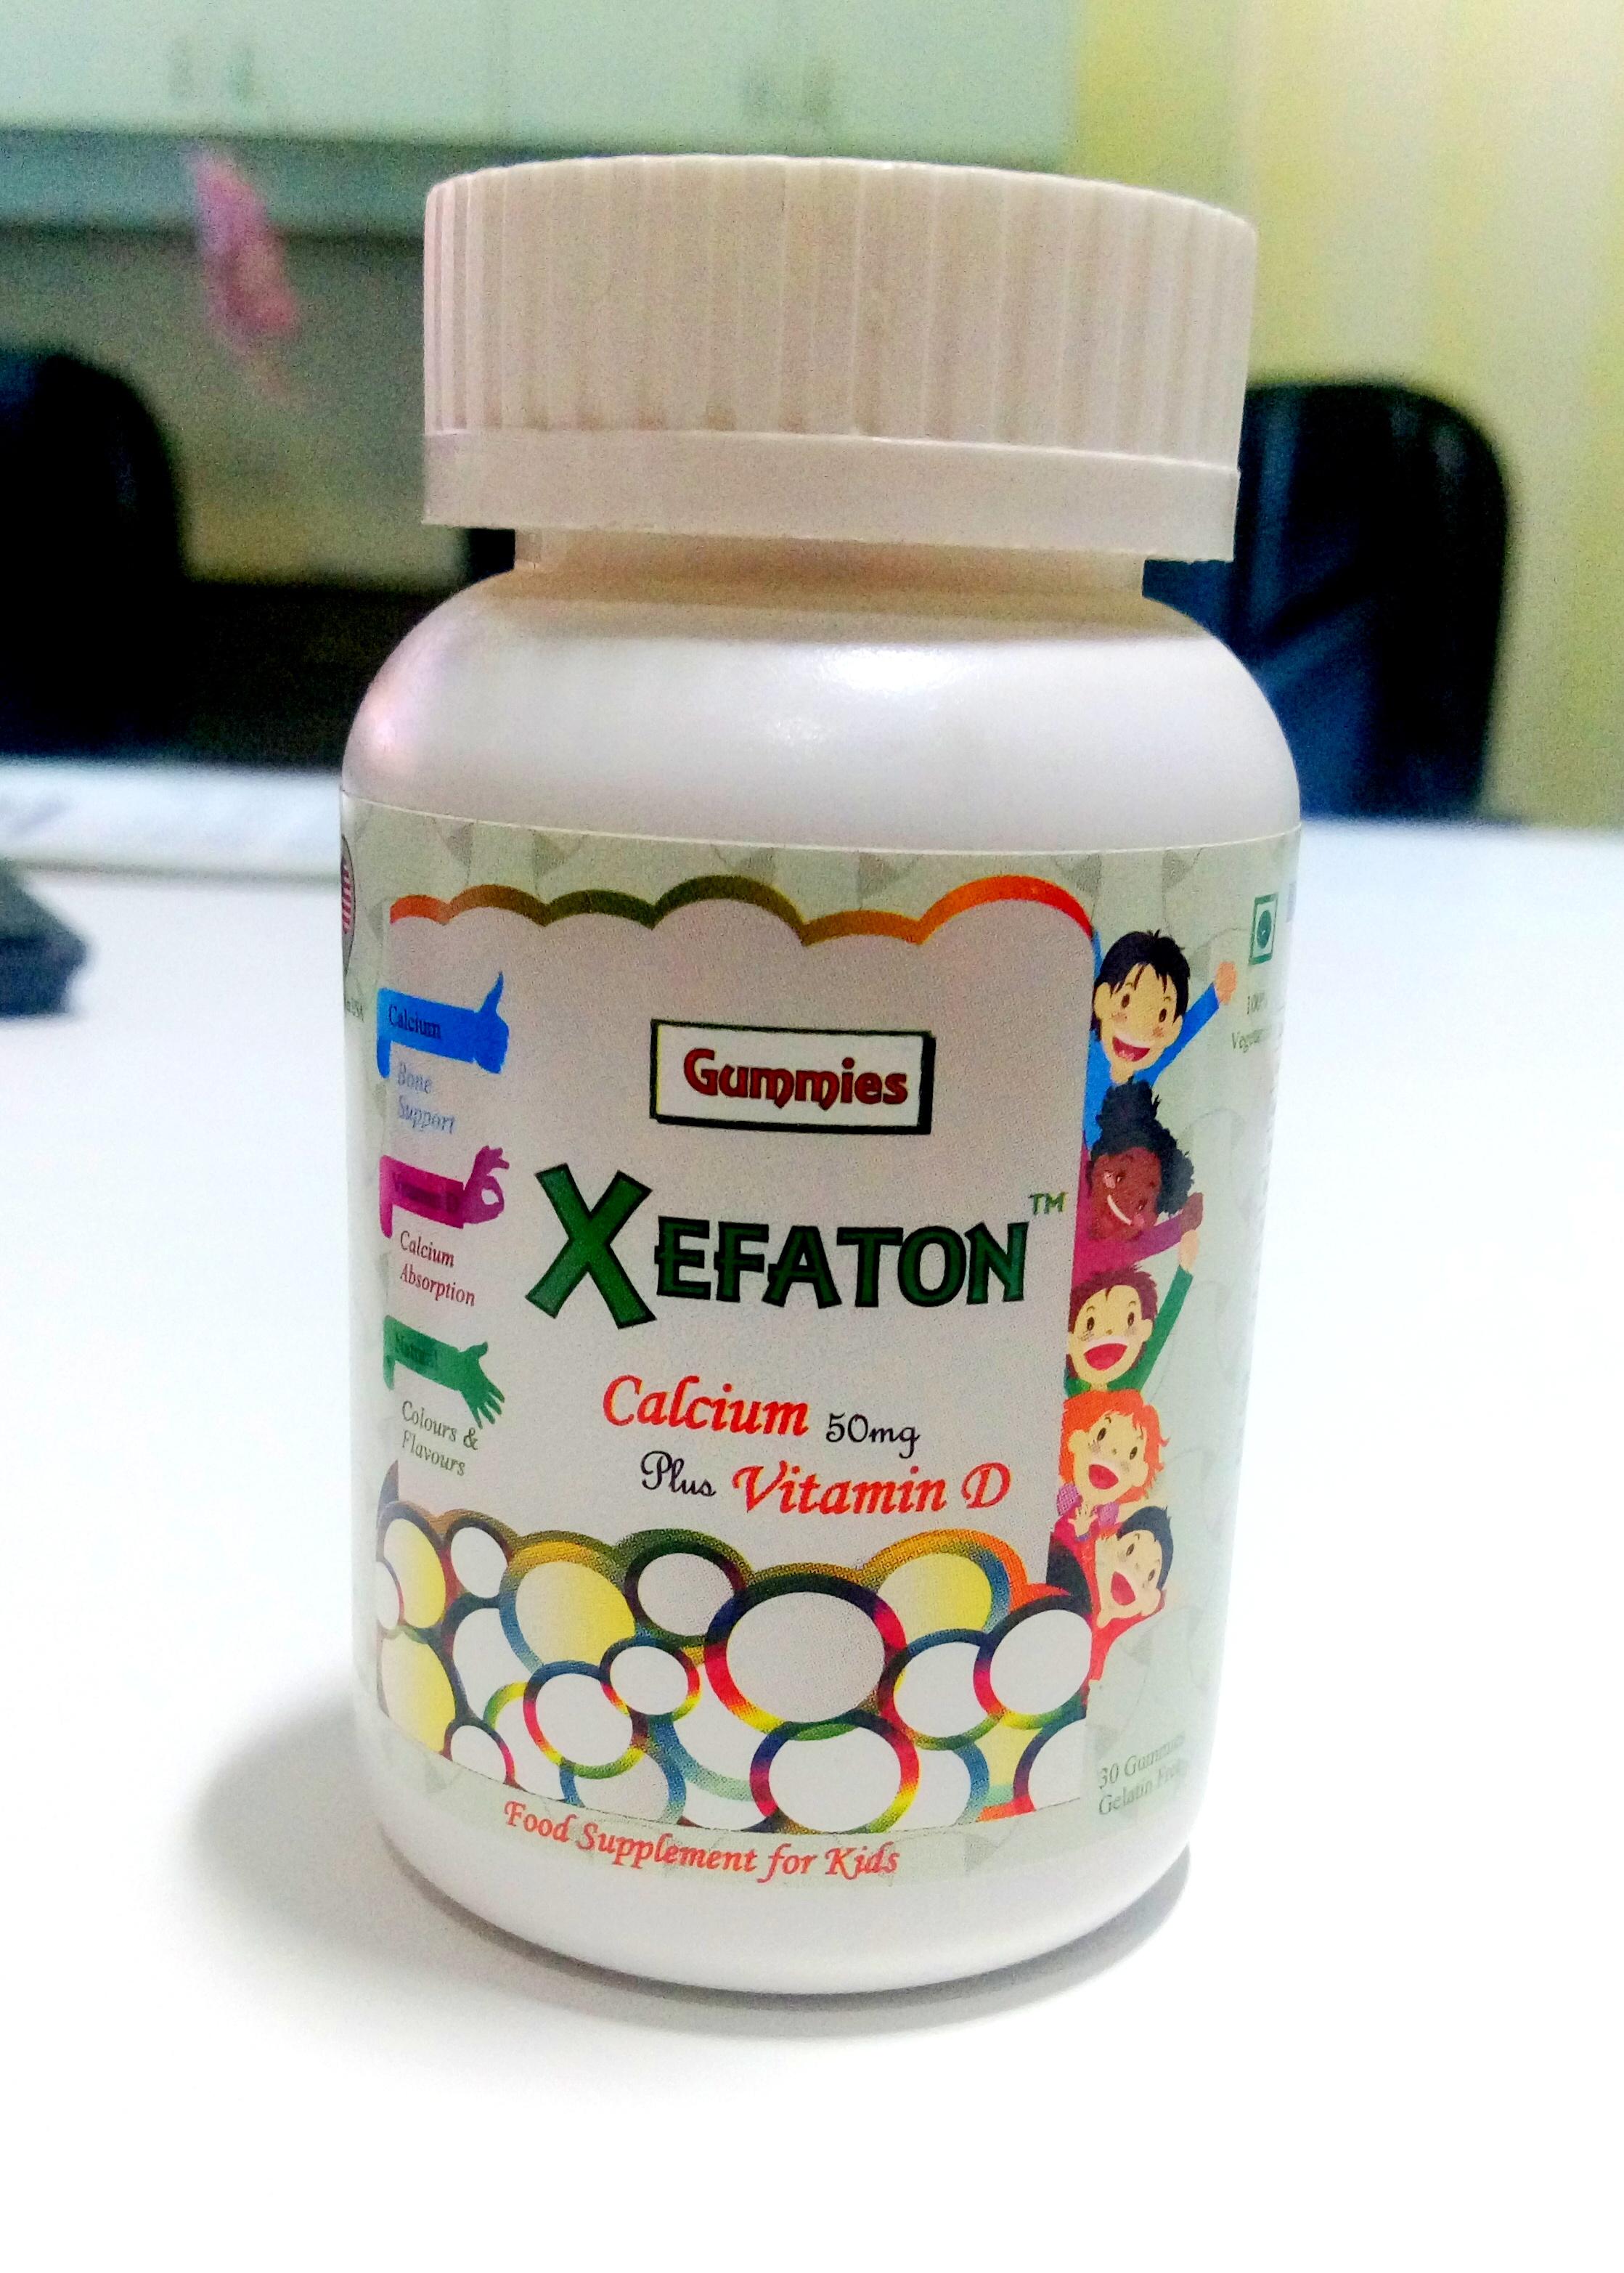 Xefaton